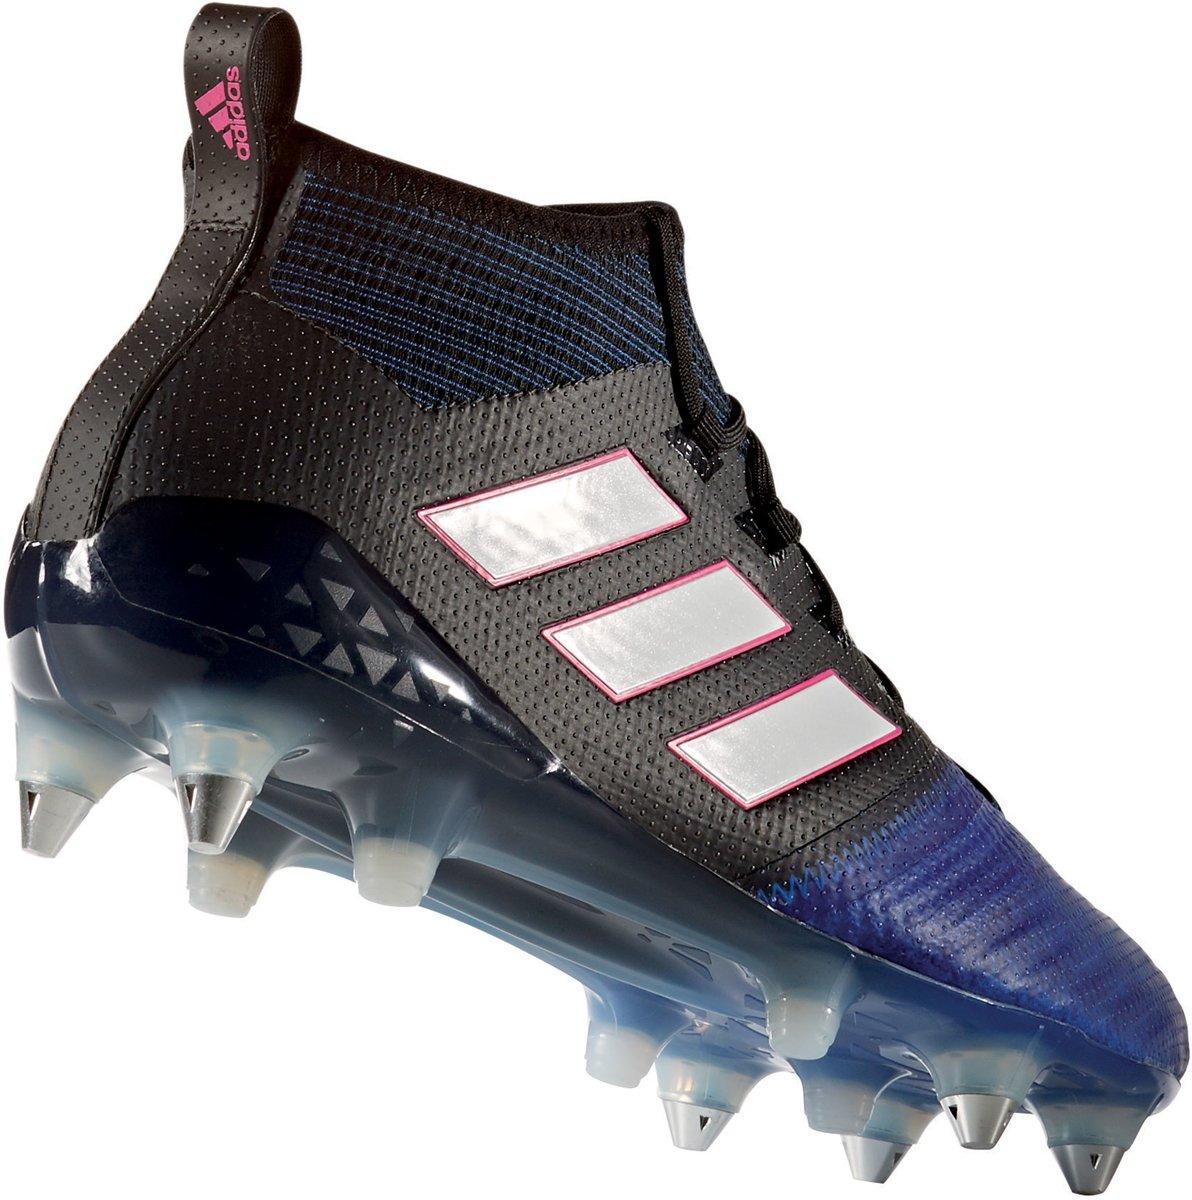 best sneakers 1a283 73863 bol.com  adidas ACE 17.1 Primeknit Sportschoenen - Maat 41 13 - Mannen -  blauwzwart